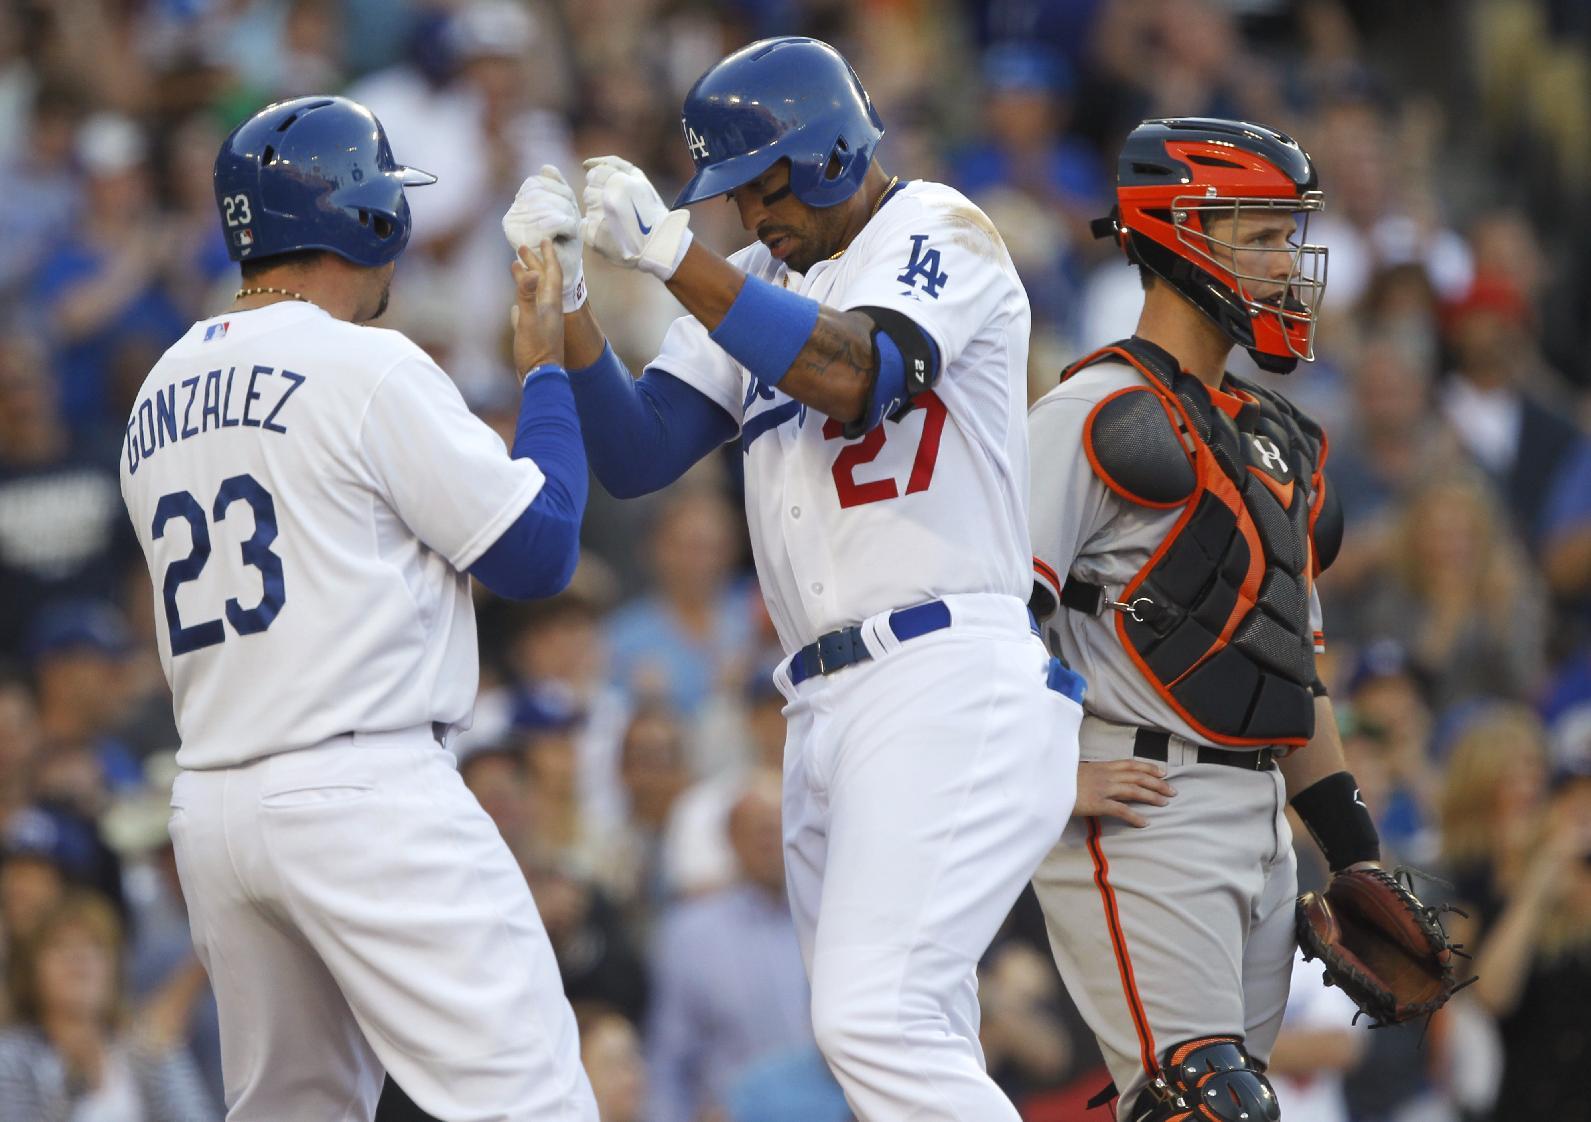 Kemp, Ramirez hit 2 HRs each, Dodgers beat Giants